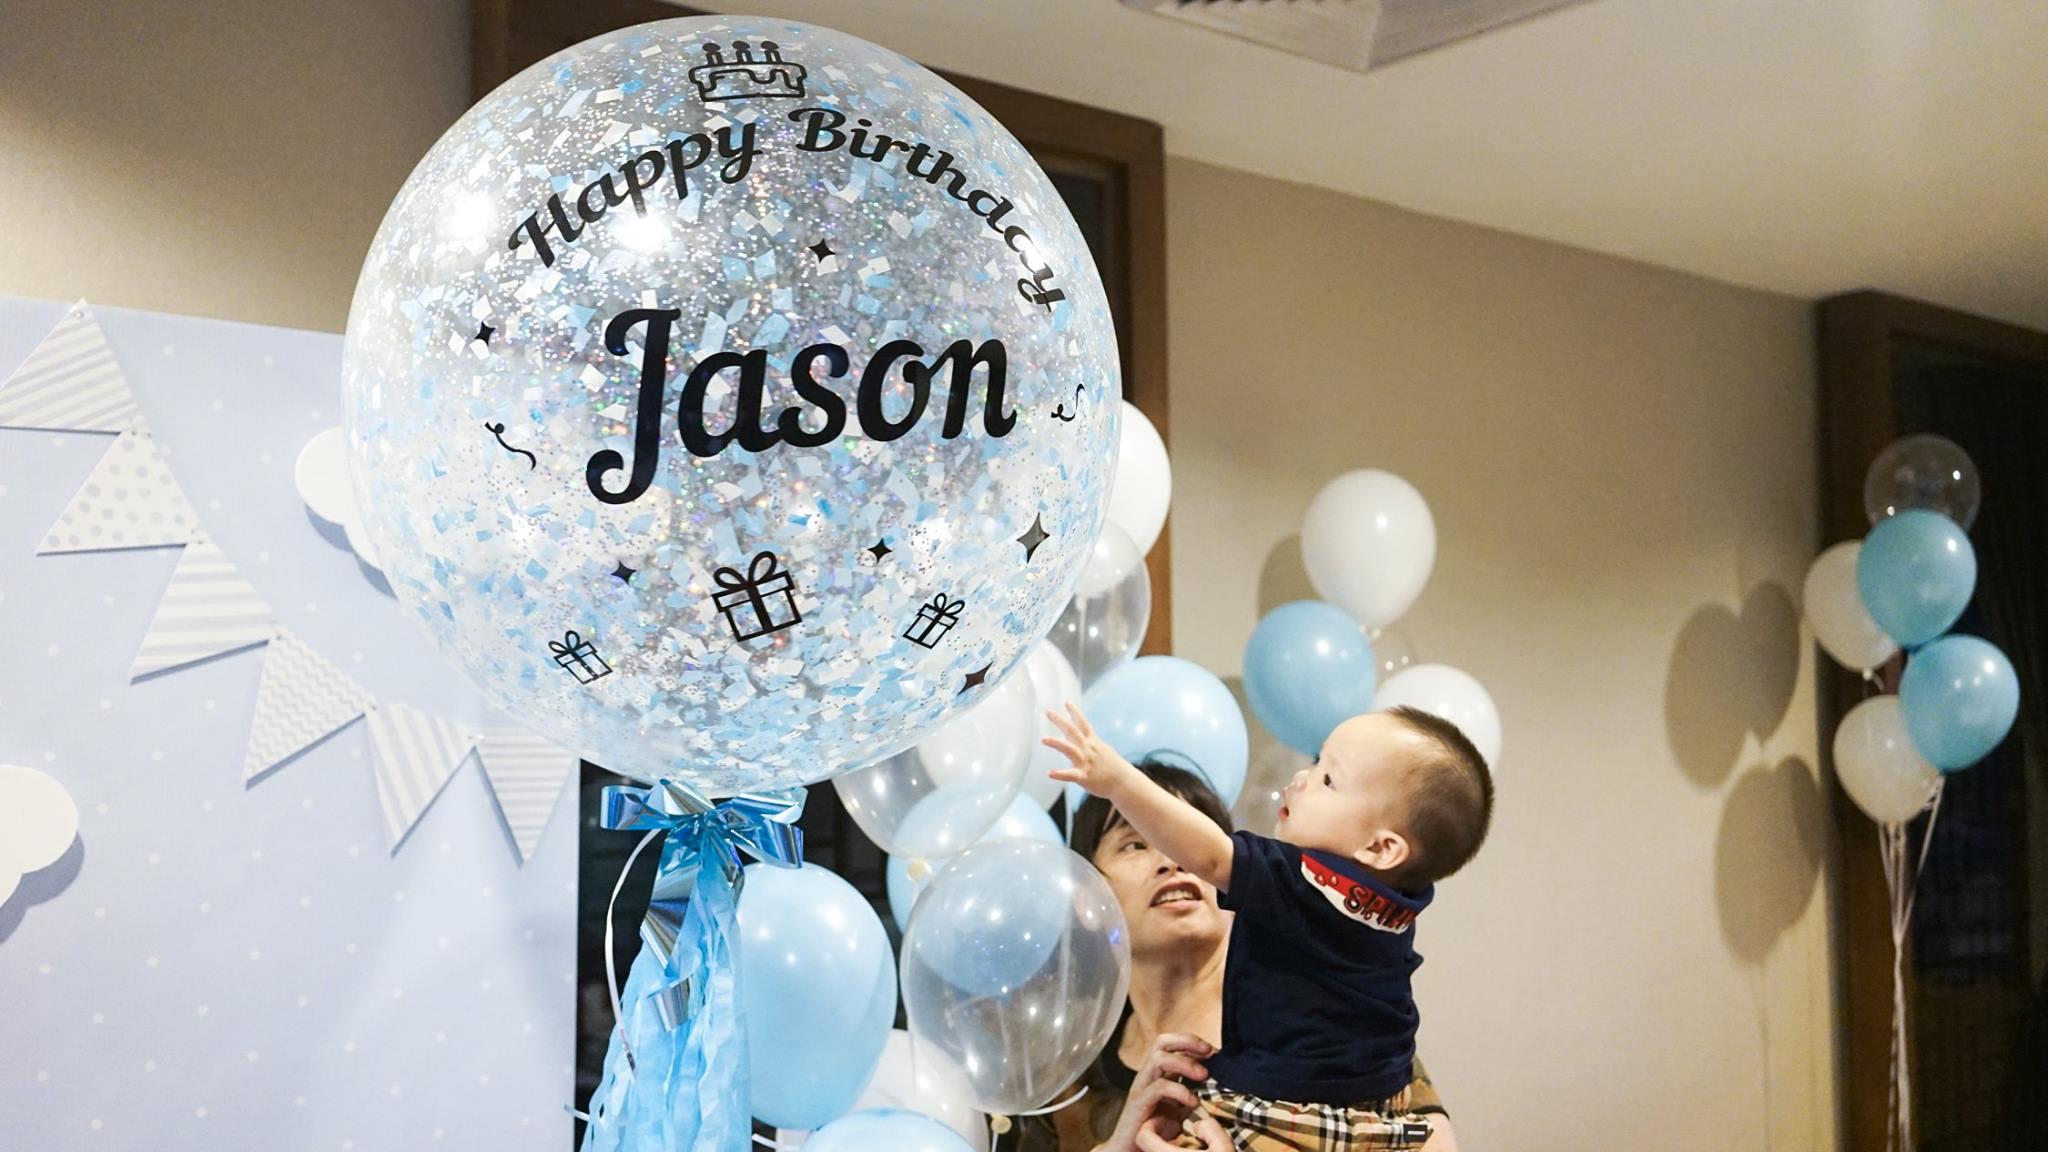 จัดฉลองงานวันเกิดในธีมสีฟ้าให้กับลูกชายของคุณ ตกแต่งงานด้วยแบคดรอป ลูกโป่ง พร็อพถ่ายรูป จัดโต๊ะทานอาหาร